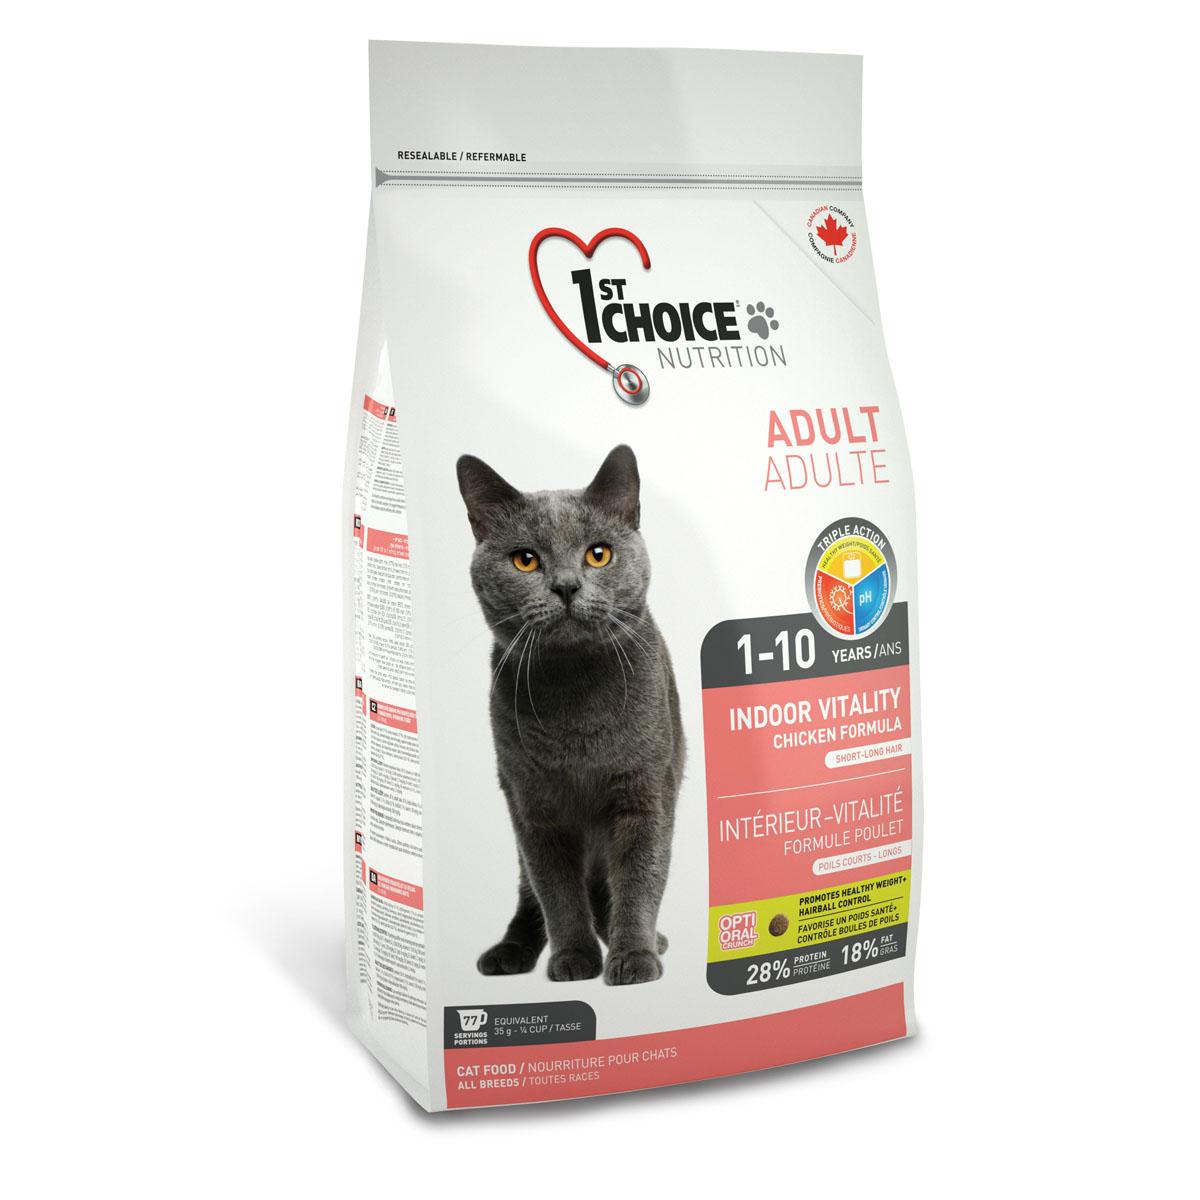 Корм сухой 1st Choice Adult для живущих в помещении взрослых кошек, с курицей, 5,44 кг56666Сухой корм 1st Choice Adult - идеальная формула для домашних кошек со специальными тщательно отобранными ингредиентами. Помогает сохранить идеальную кондицию и оптимальный вес. Идеальный рН-баланс для здоровья мочевыделительной системы. Содержит экстракт юкки Шидигера, которая связывает аммиак и уменьшает запах экскрементов.Состав: свежая курица 17%, мука из мяса курицы 17%, рис, гороховый протеин, куриный жир, сохраненный смесью натуральных токоферолов (витамин Е), мякоть свеклы, коричневый рис, специально обработанные ядра ячменя и овса, сушеное яйцо, гидролизат куриной печени, цельное семя льна, жир лосося, сушеная мякоть томата, клетчатка гороха, калия хлорид, лецитин, кальция карбонат, холина хлорид, соль, кальция пропионат, натрия бисульфат, таурин, DL- метионин, L-лизин, экстракт дрожжей (источник маннан-олигосахаридов), железа сульфат, аскорбиновая кислота (витамин С), экстракт цикория (источник инулина), цинка оксид, натрия селенит, альфа-токоферол ацетат (витамин Е), никотиновая кислота, экстракт юкки Шидигера, кальция иодат, марганца оксид, L-карнитин, D-кальция пантотенат, тиамина мононитрат, рибофлавин, пиридоксина гидрохлорид, витамин А, холекальциферол (витамин Д3), биотин, сушеная мята (0,01%), сушеная петрушка 0,01%, экстракт зеленого чая 0,01%, цинка протеинат, витамин В12, кобальта карбонат, фолиевая кислота, марганца протеинат, меди протеинат. Гарантированный анализ: сырой протеин мин. 28%, сырой жир мин.1 8%, сырая клетчатка макс. 3%, влага макс. 10%, зола макс. 8,5%, кальций мин. 1,1%, фосфор мин. 0,9%, марганец макс. 0,1%, витамин А мин. 34 000 МЕ/кг, витамин Д3 мин. 2 000 МЕ/кг, витамин Е мин. 150 МЕ/кг, таурин 2100 мг/кг, маннан-олигосахариды 1000 мг/кг, фрукто-олигосахариды 500 мг/кг. Энергетическая ценность корма: 440 ккал/100 г.Товар сертифицирован.